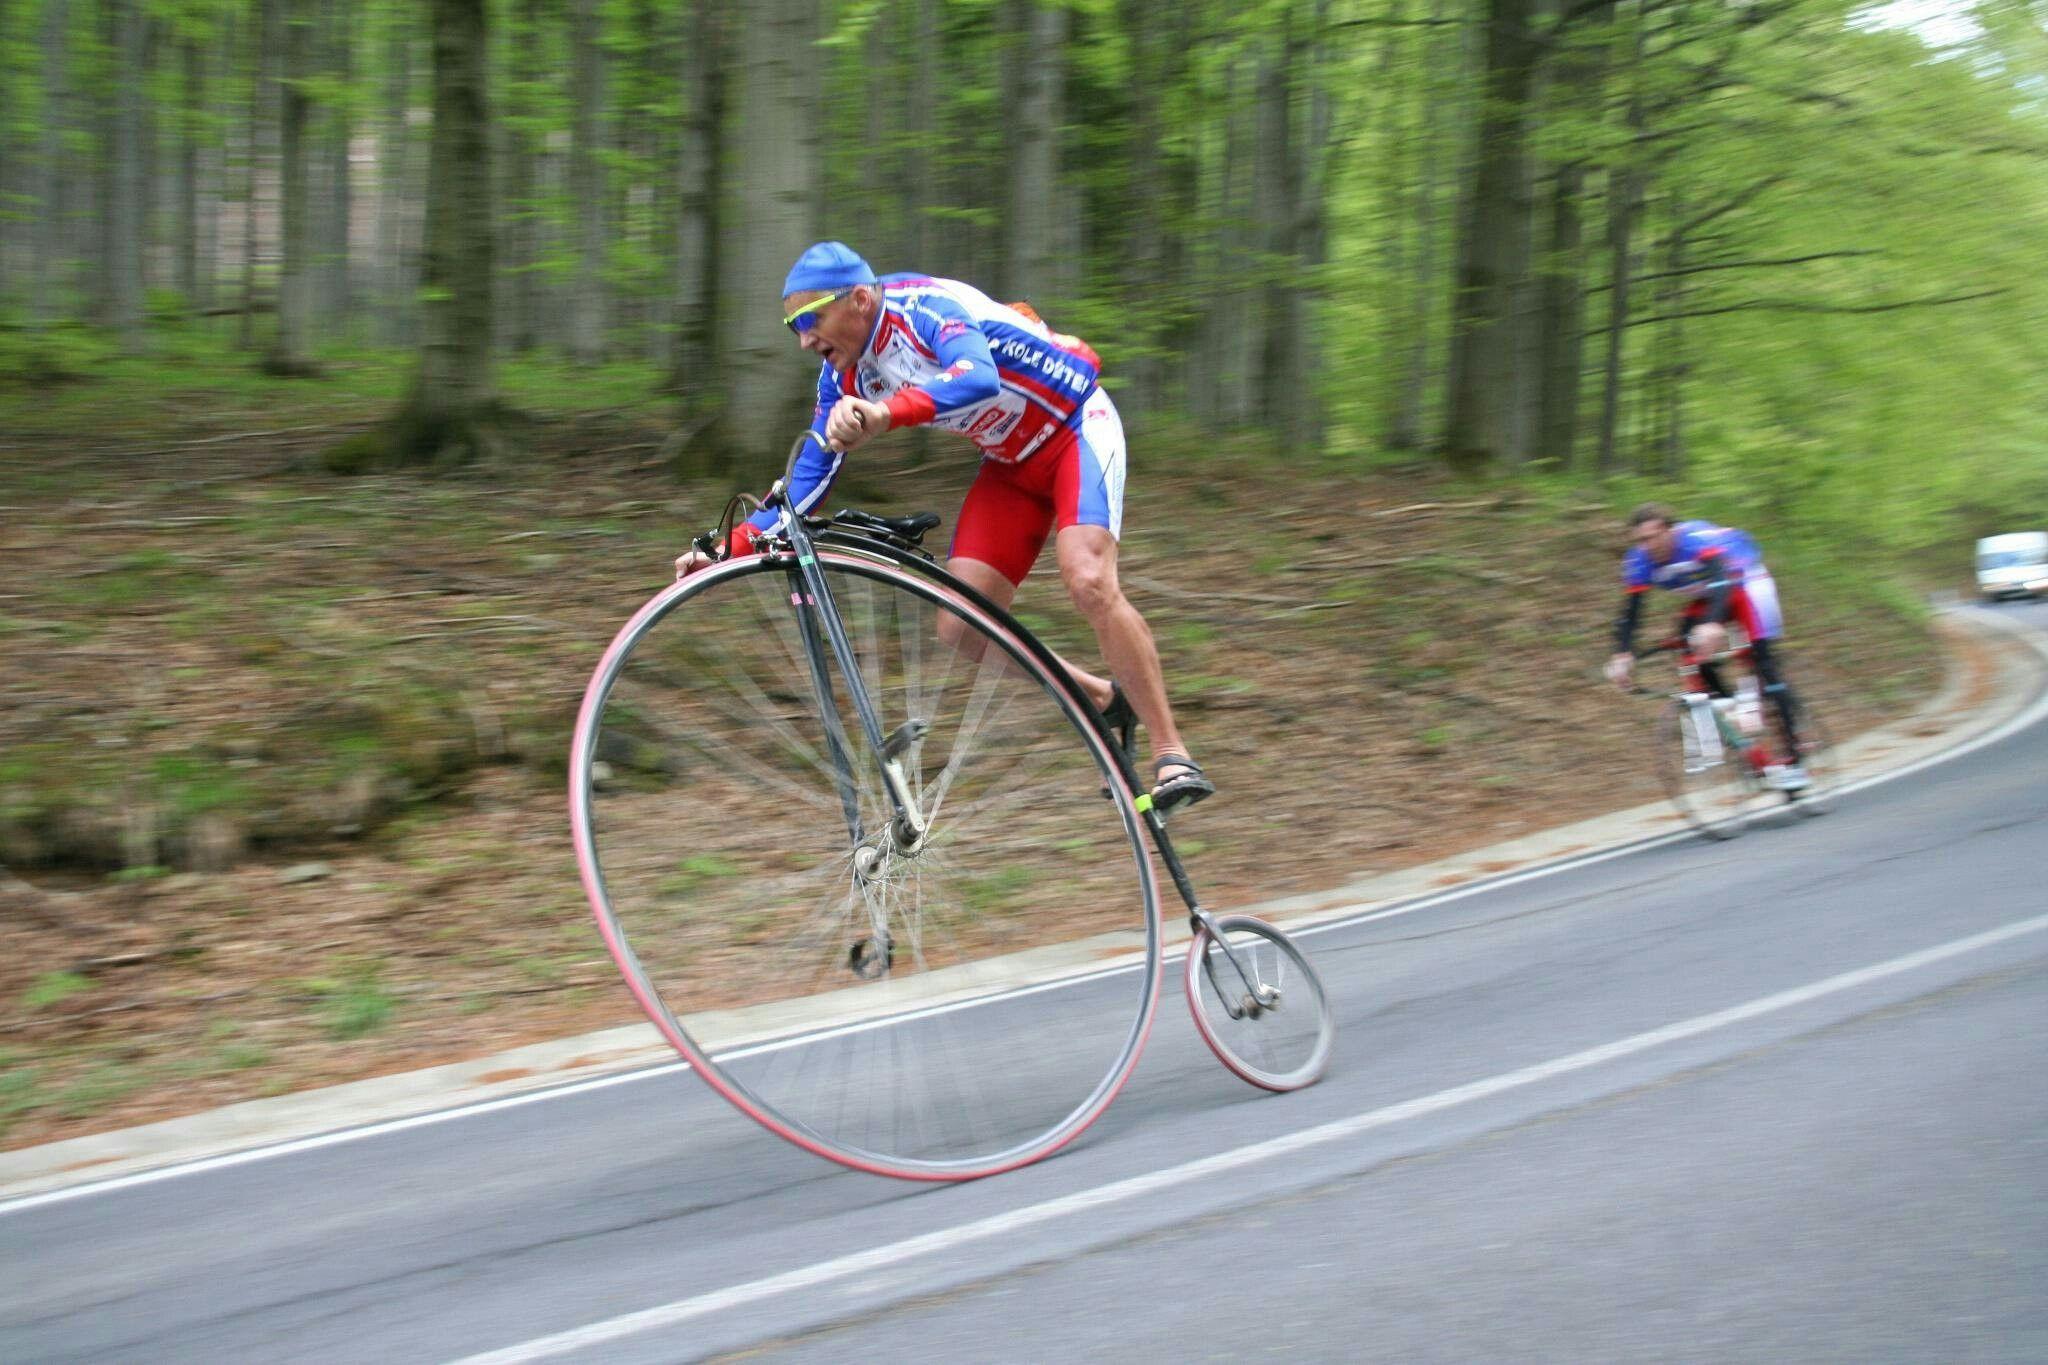 Прикольные велокартинки, корпоративная открытка подарок